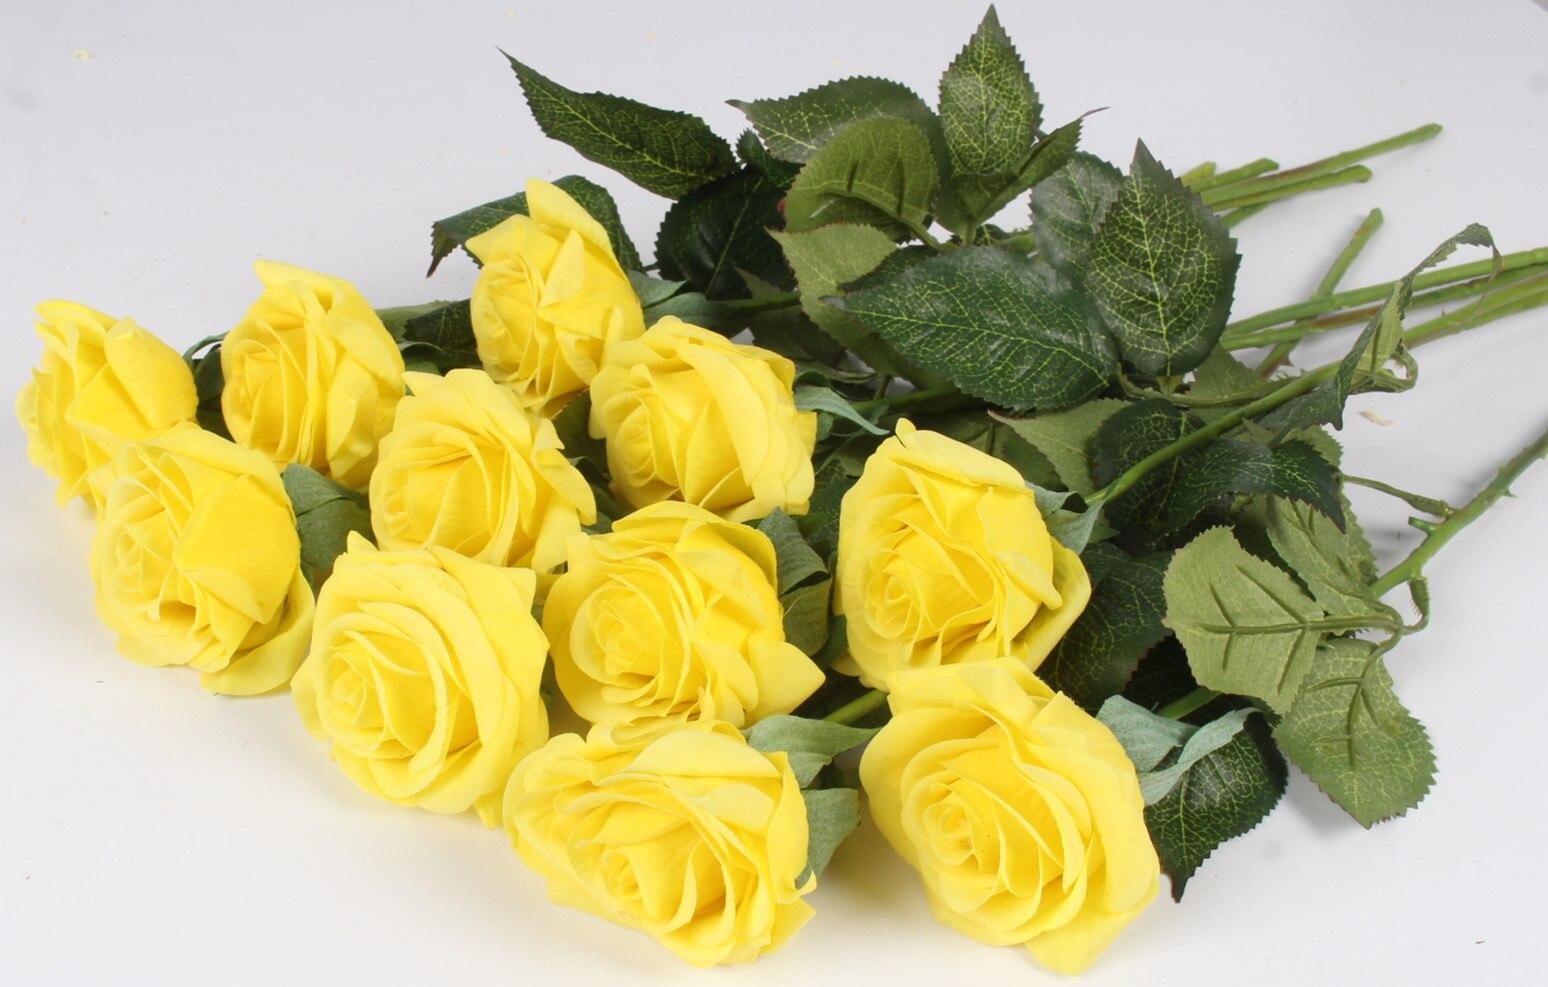 Hoa hồng giả HH-171: Mẫu C - Màu vàng